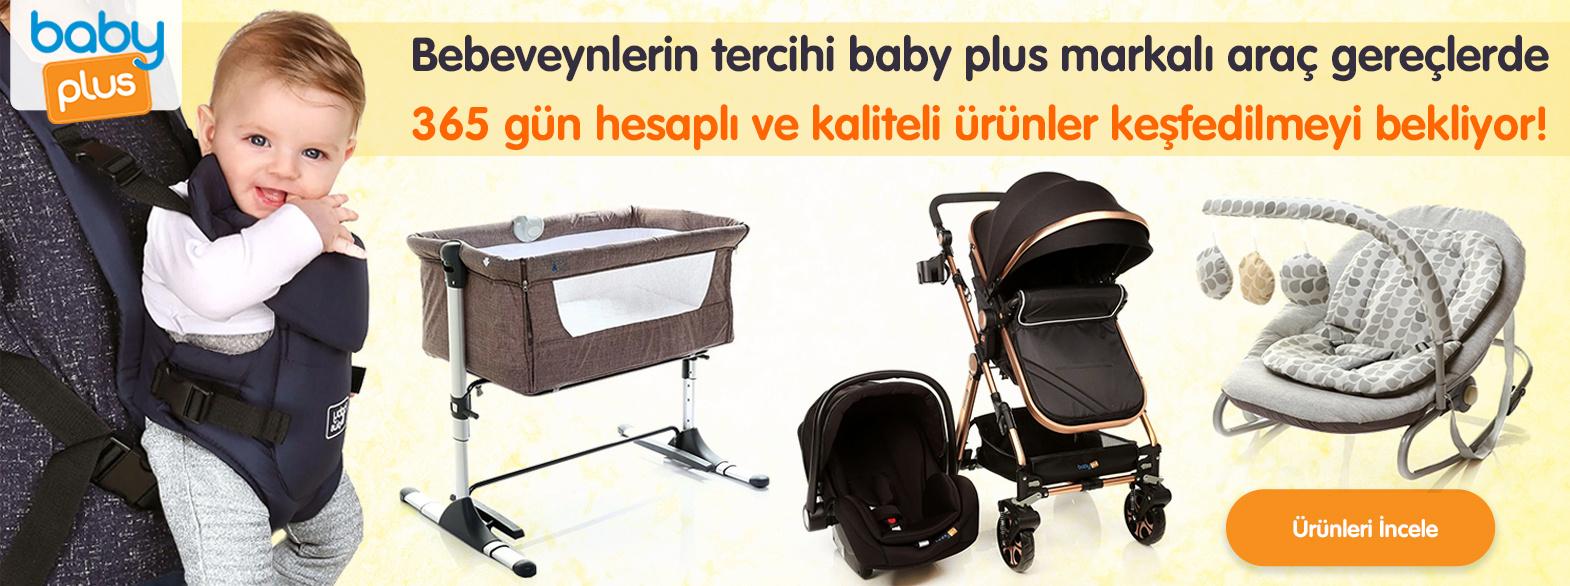 08012021-BabyPlus-AracGerec-yenibanner.jpg